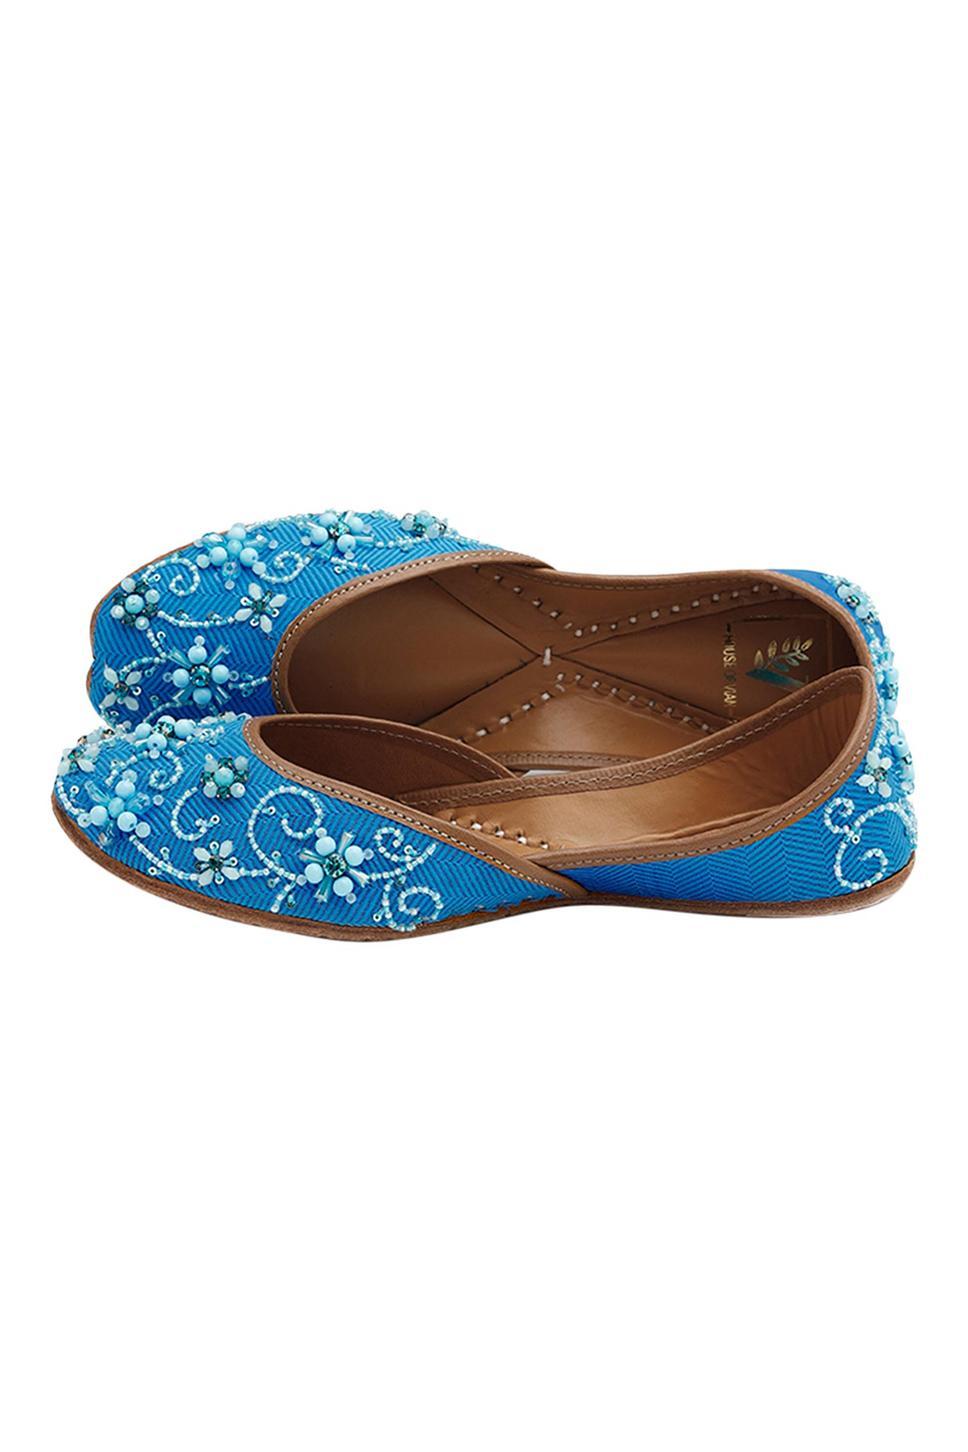 Falak Handcrafted Silk Bead Embellished Juttis